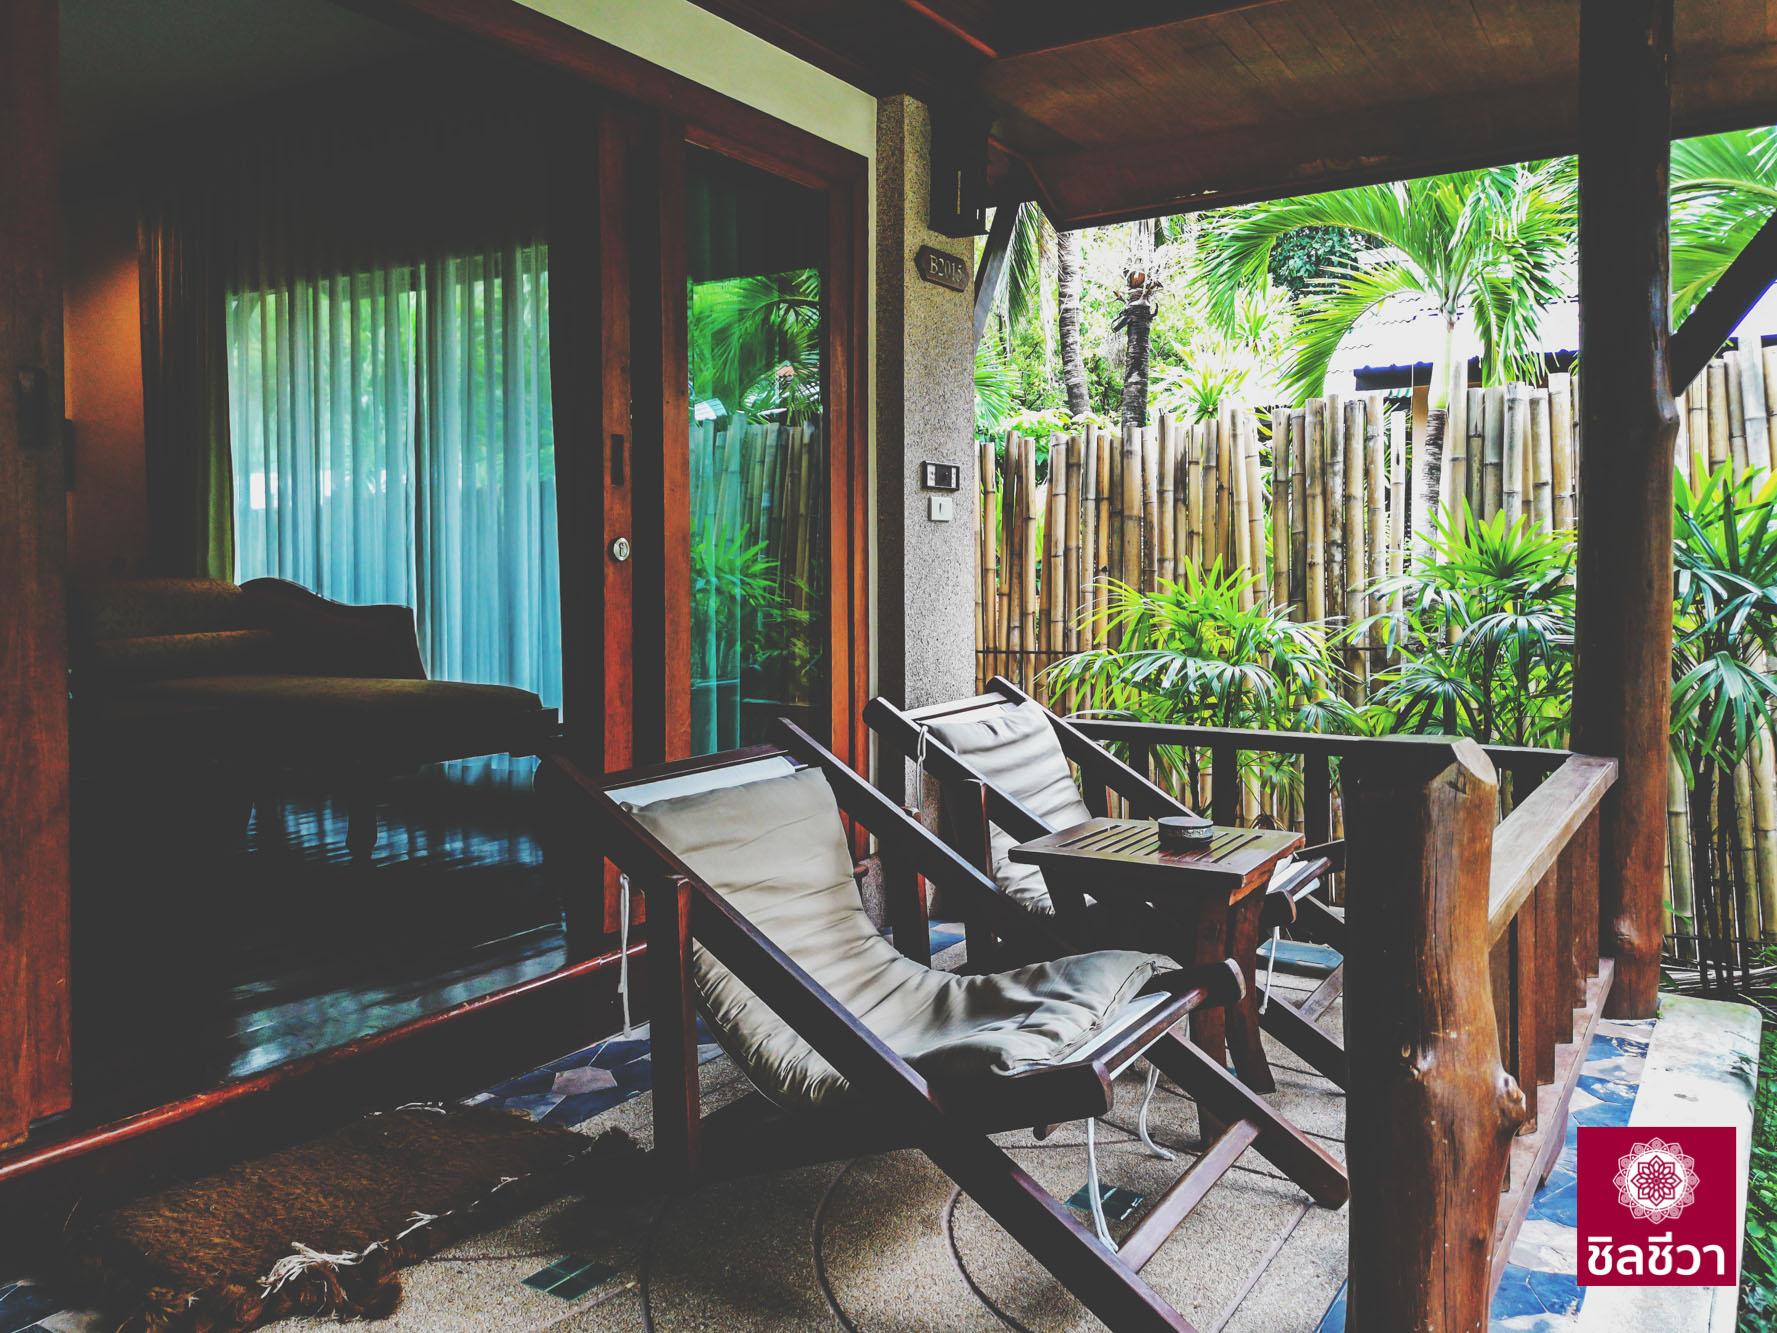 ซันไรท์ ทรอปิคอล รีสอร์ท (Sunrise Tropical Resort) ไร่เลย์ กระบี่  ซันไรท์ ทรอปิคอล รีสอร์ท รีสอร์ทงามๆ บนเกาะไร่เลย์ กระบี่ IMG 20181011 165220